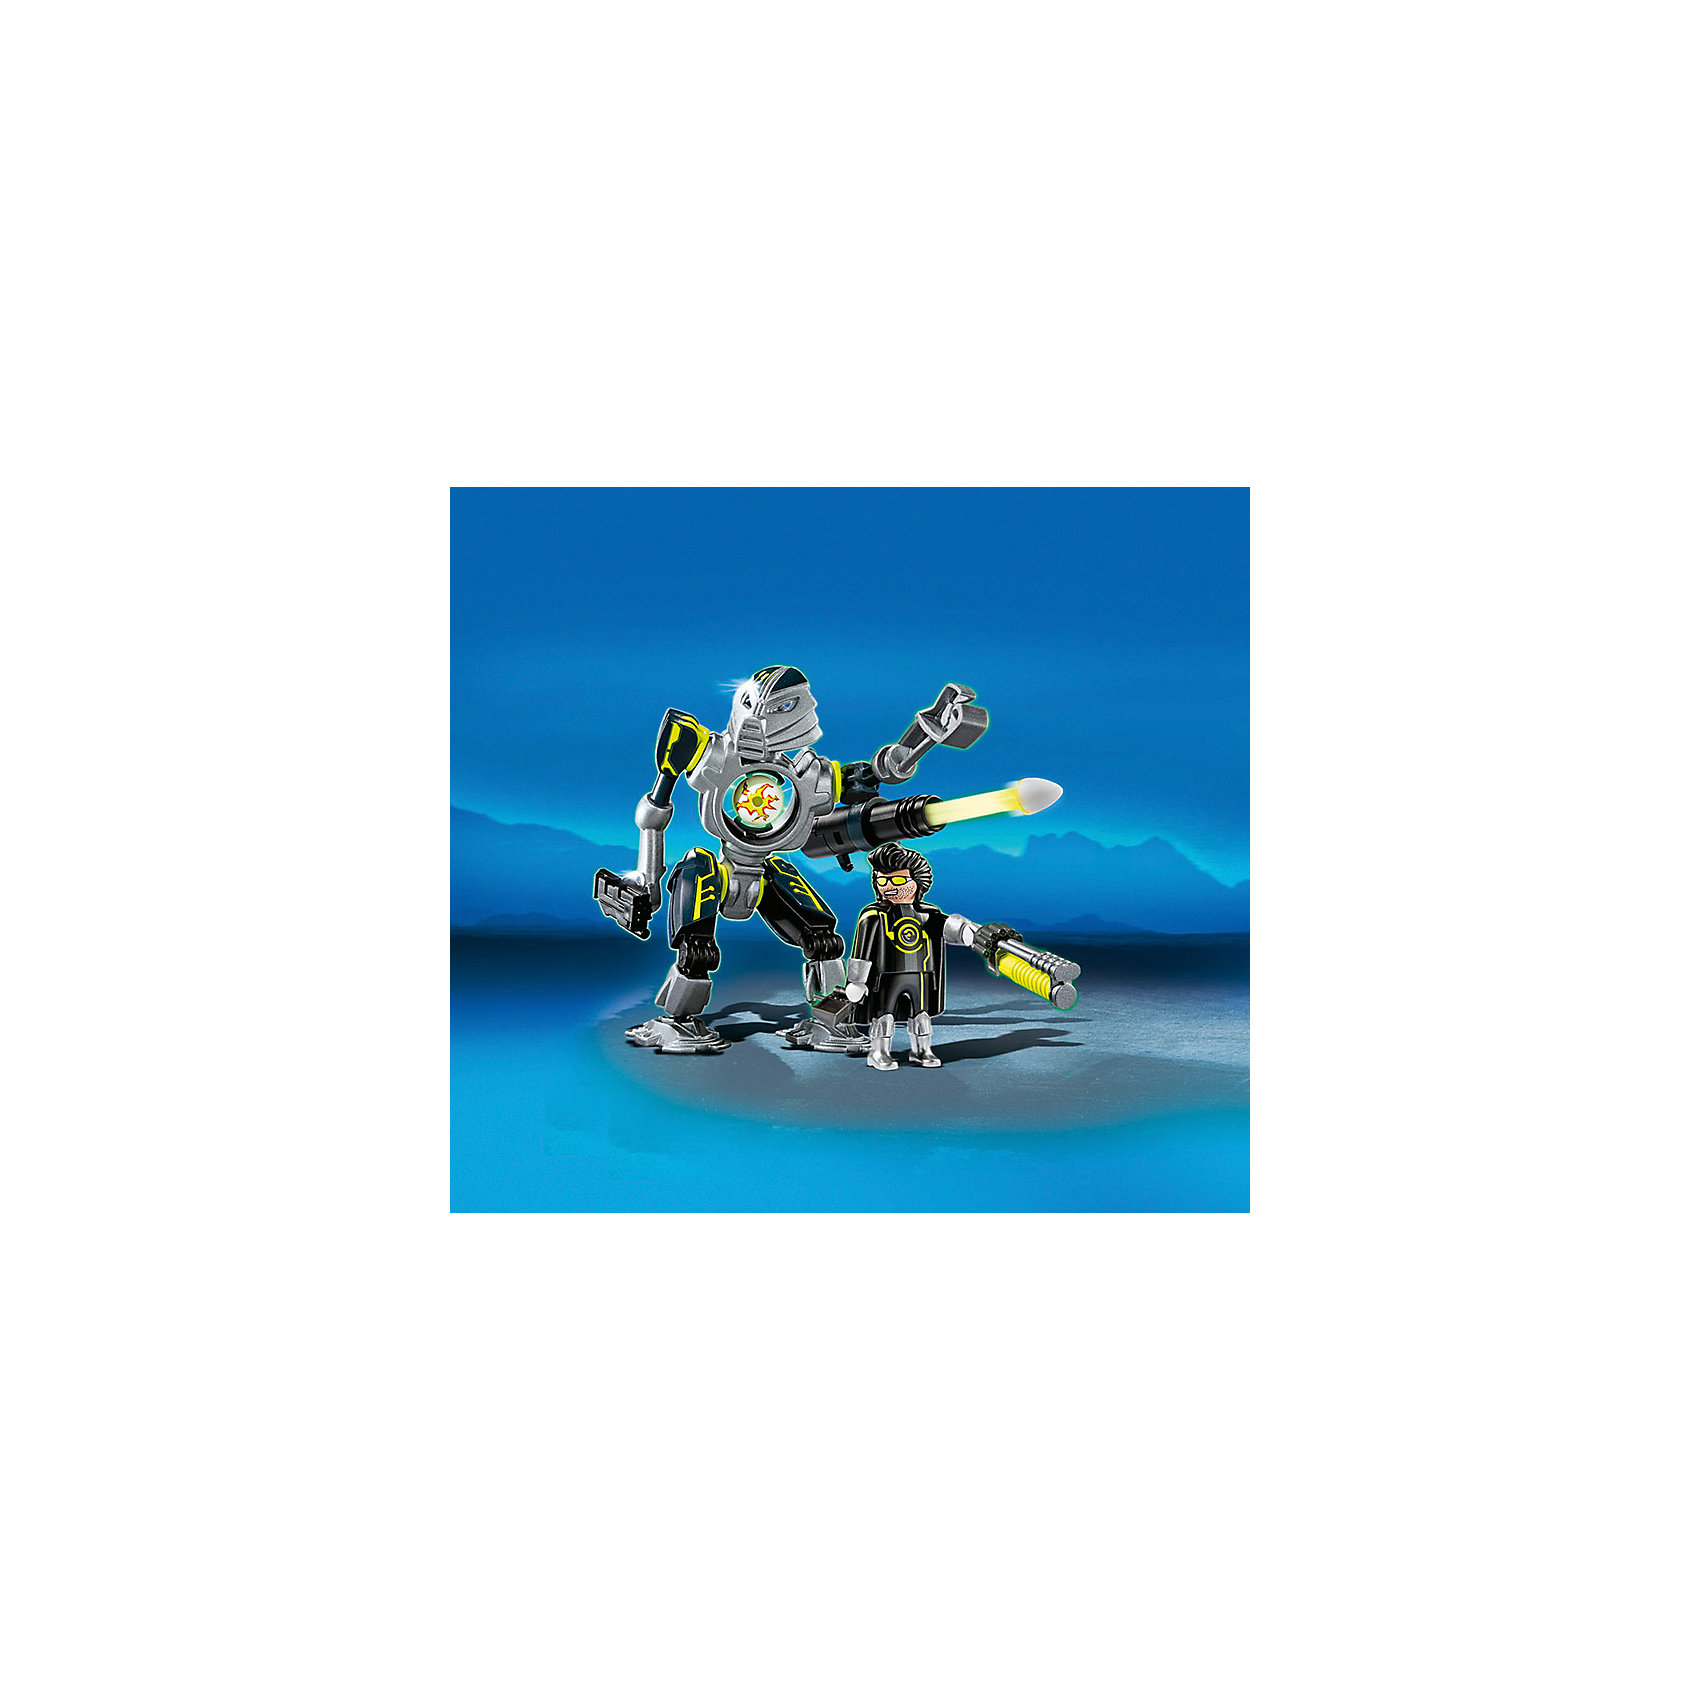 PLAYMOBIL® PLAYMOBIL 5289 Секретный агент: Мега робот с бластером playmobil® playmobil 5289 секретный агент мега робот с бластером